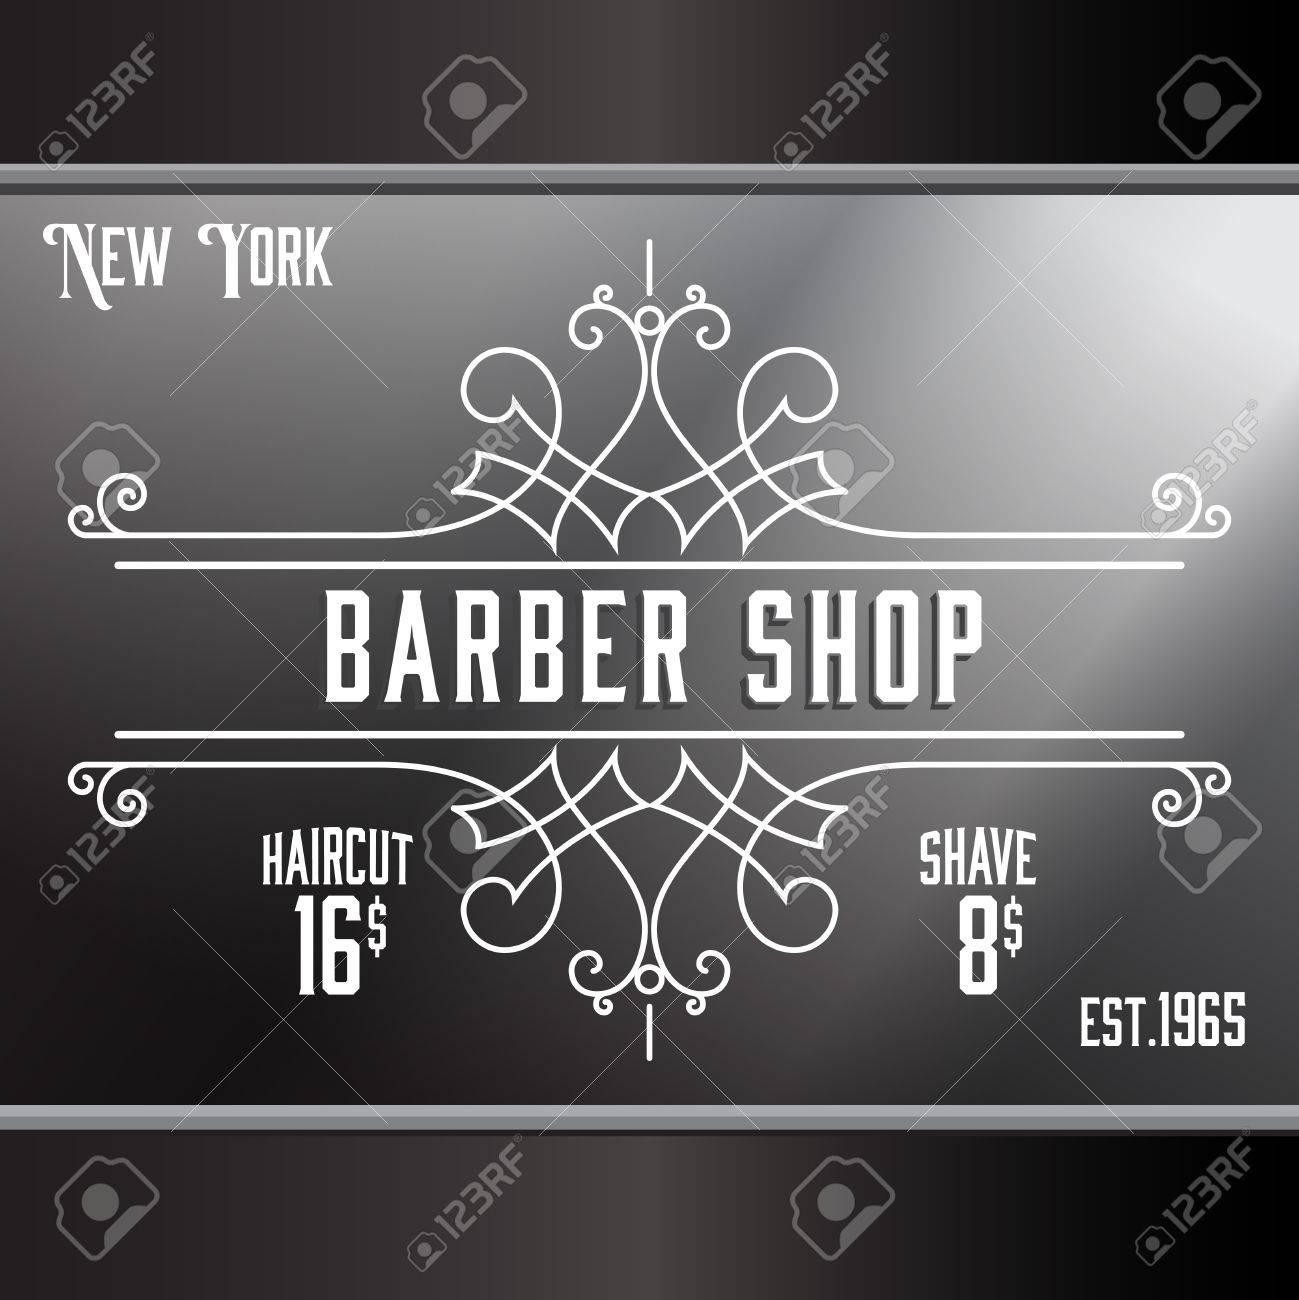 Vintage Barber Shop Window Advertising Design Template. Elegant ...